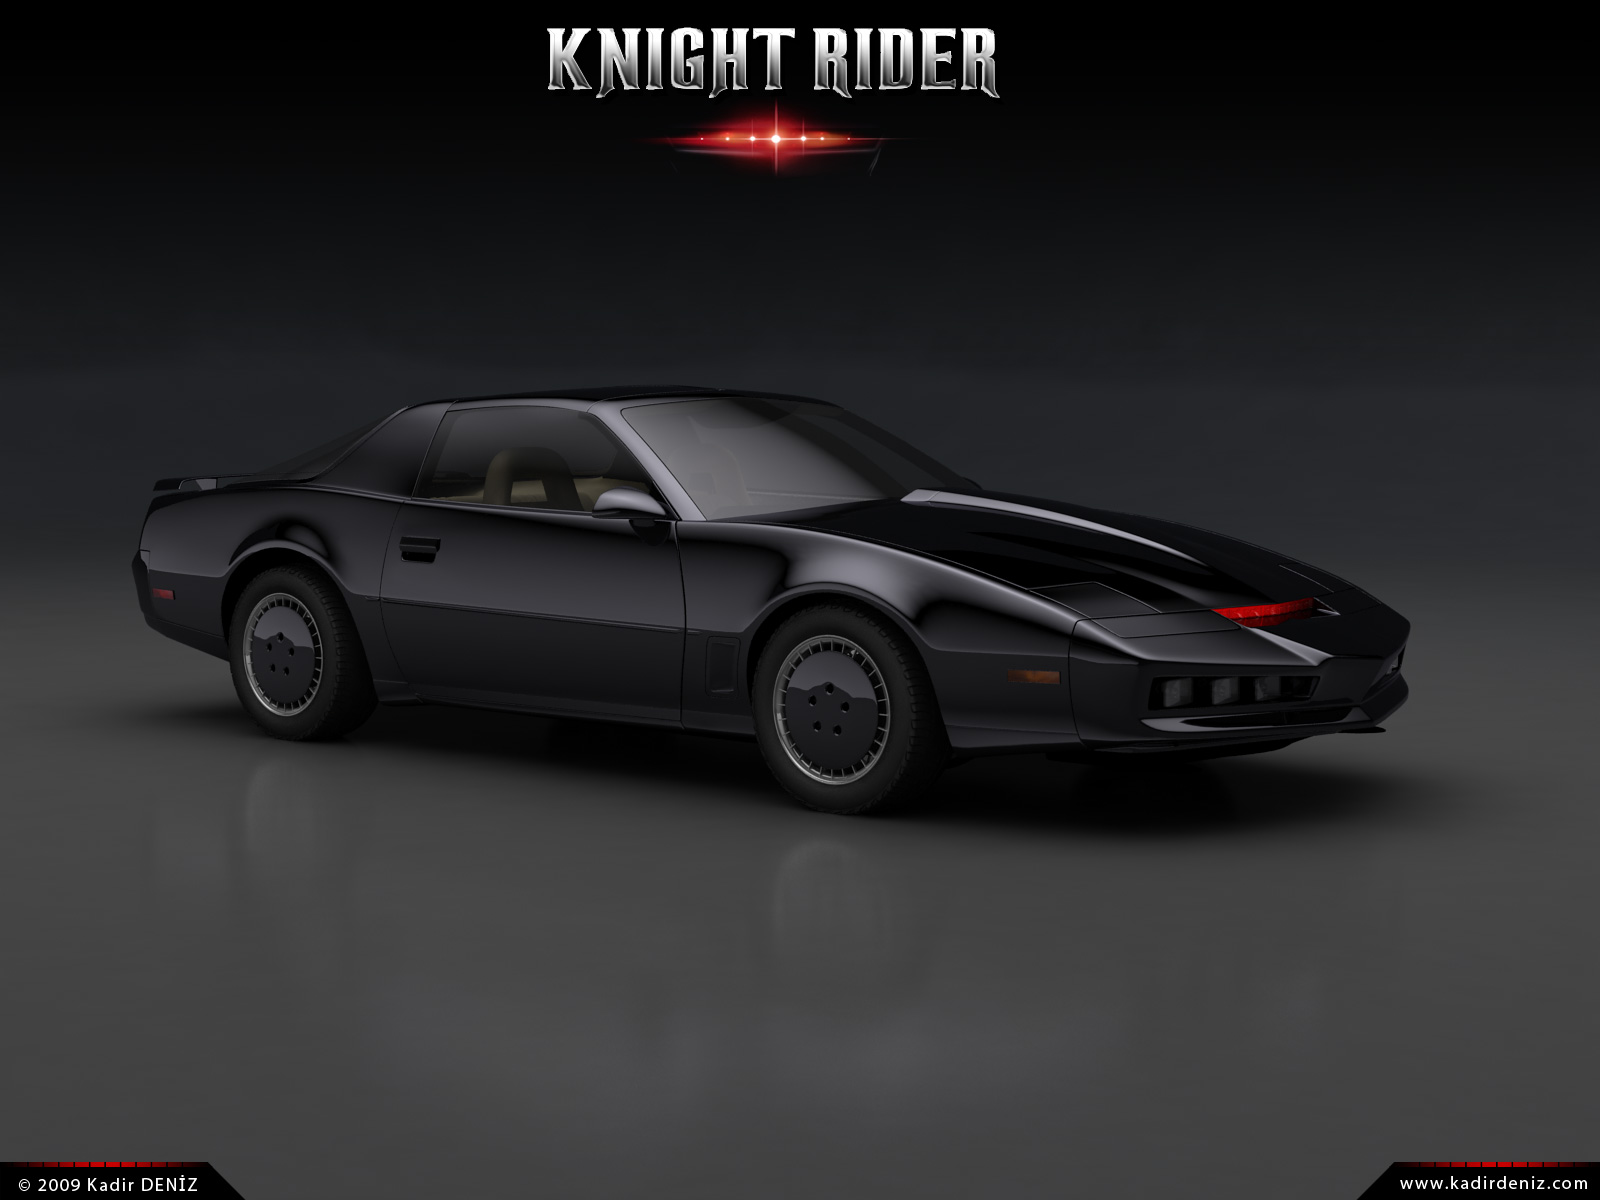 Knight Rider Animated Wallpaper Wallpapers Knig Knight Rider 1600x1200